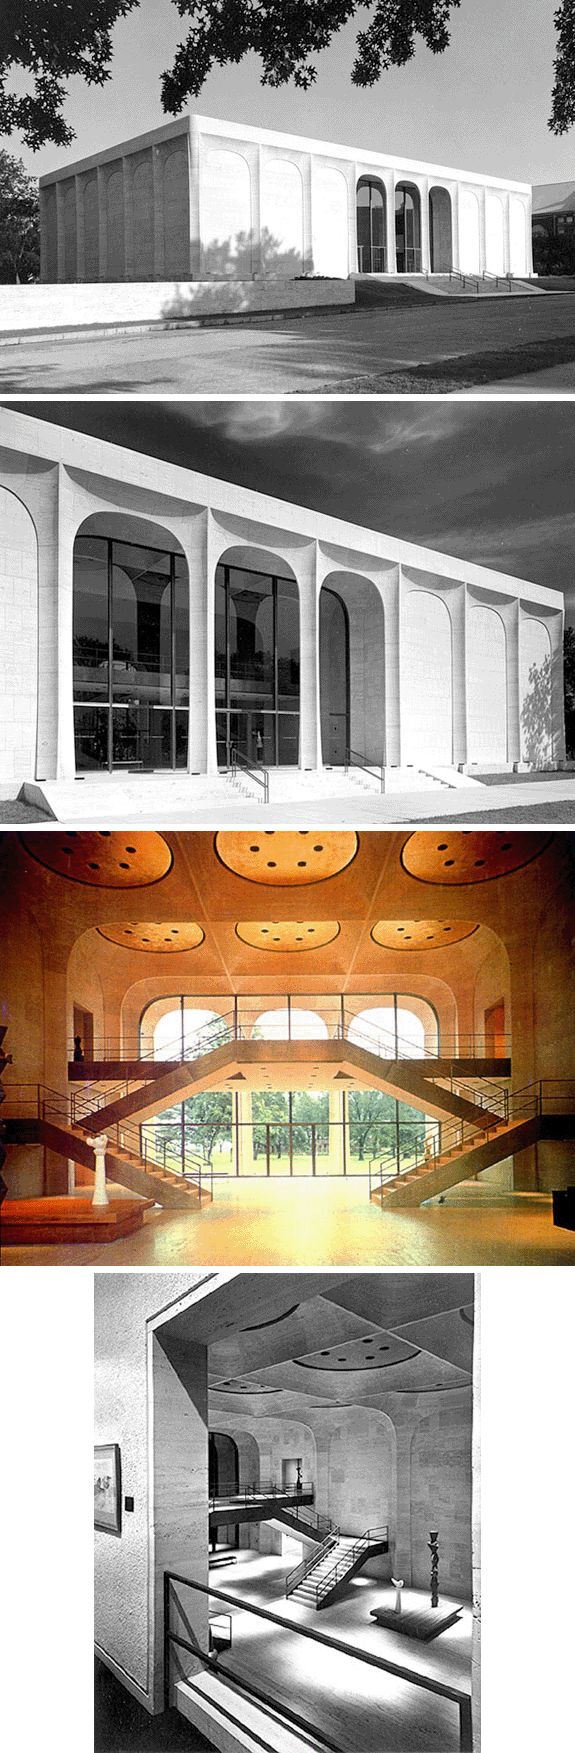 Художественная Галерея Шелдон Мемориал (Sheldon Memorial Art Gallery), Университет Небраски, Линкольн, Небраска, США (1963 г.)